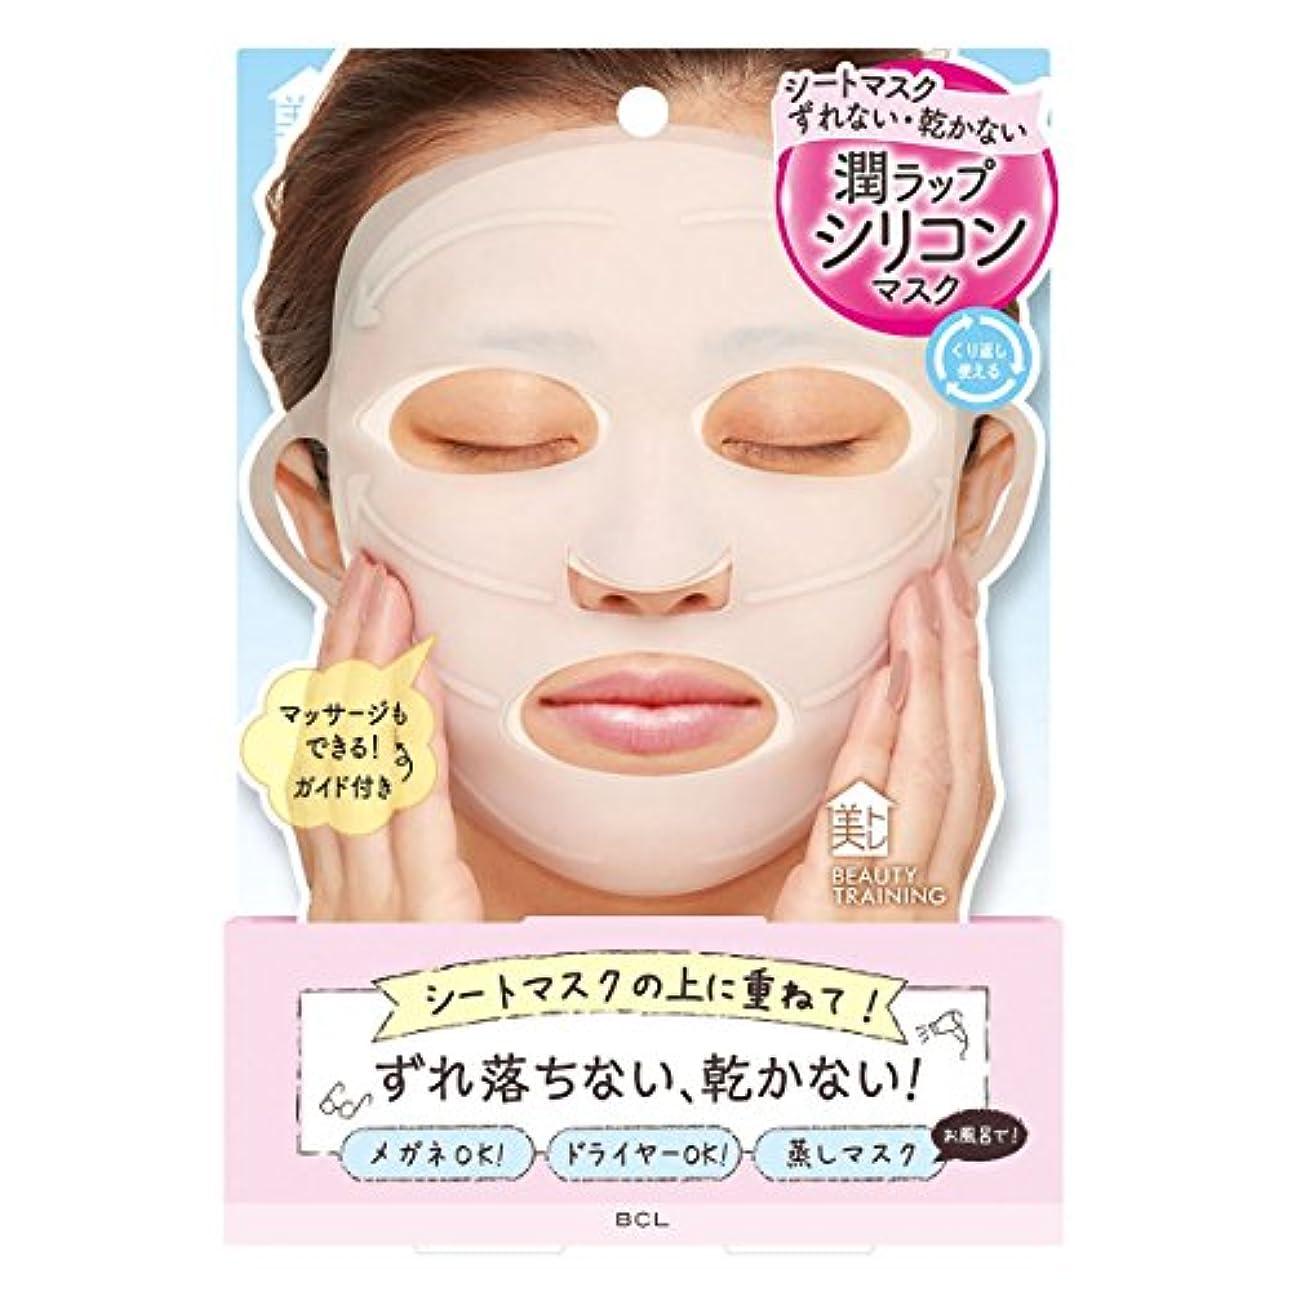 防腐剤揃える玉ねぎ美トレ モイストラップ シリコンマスク